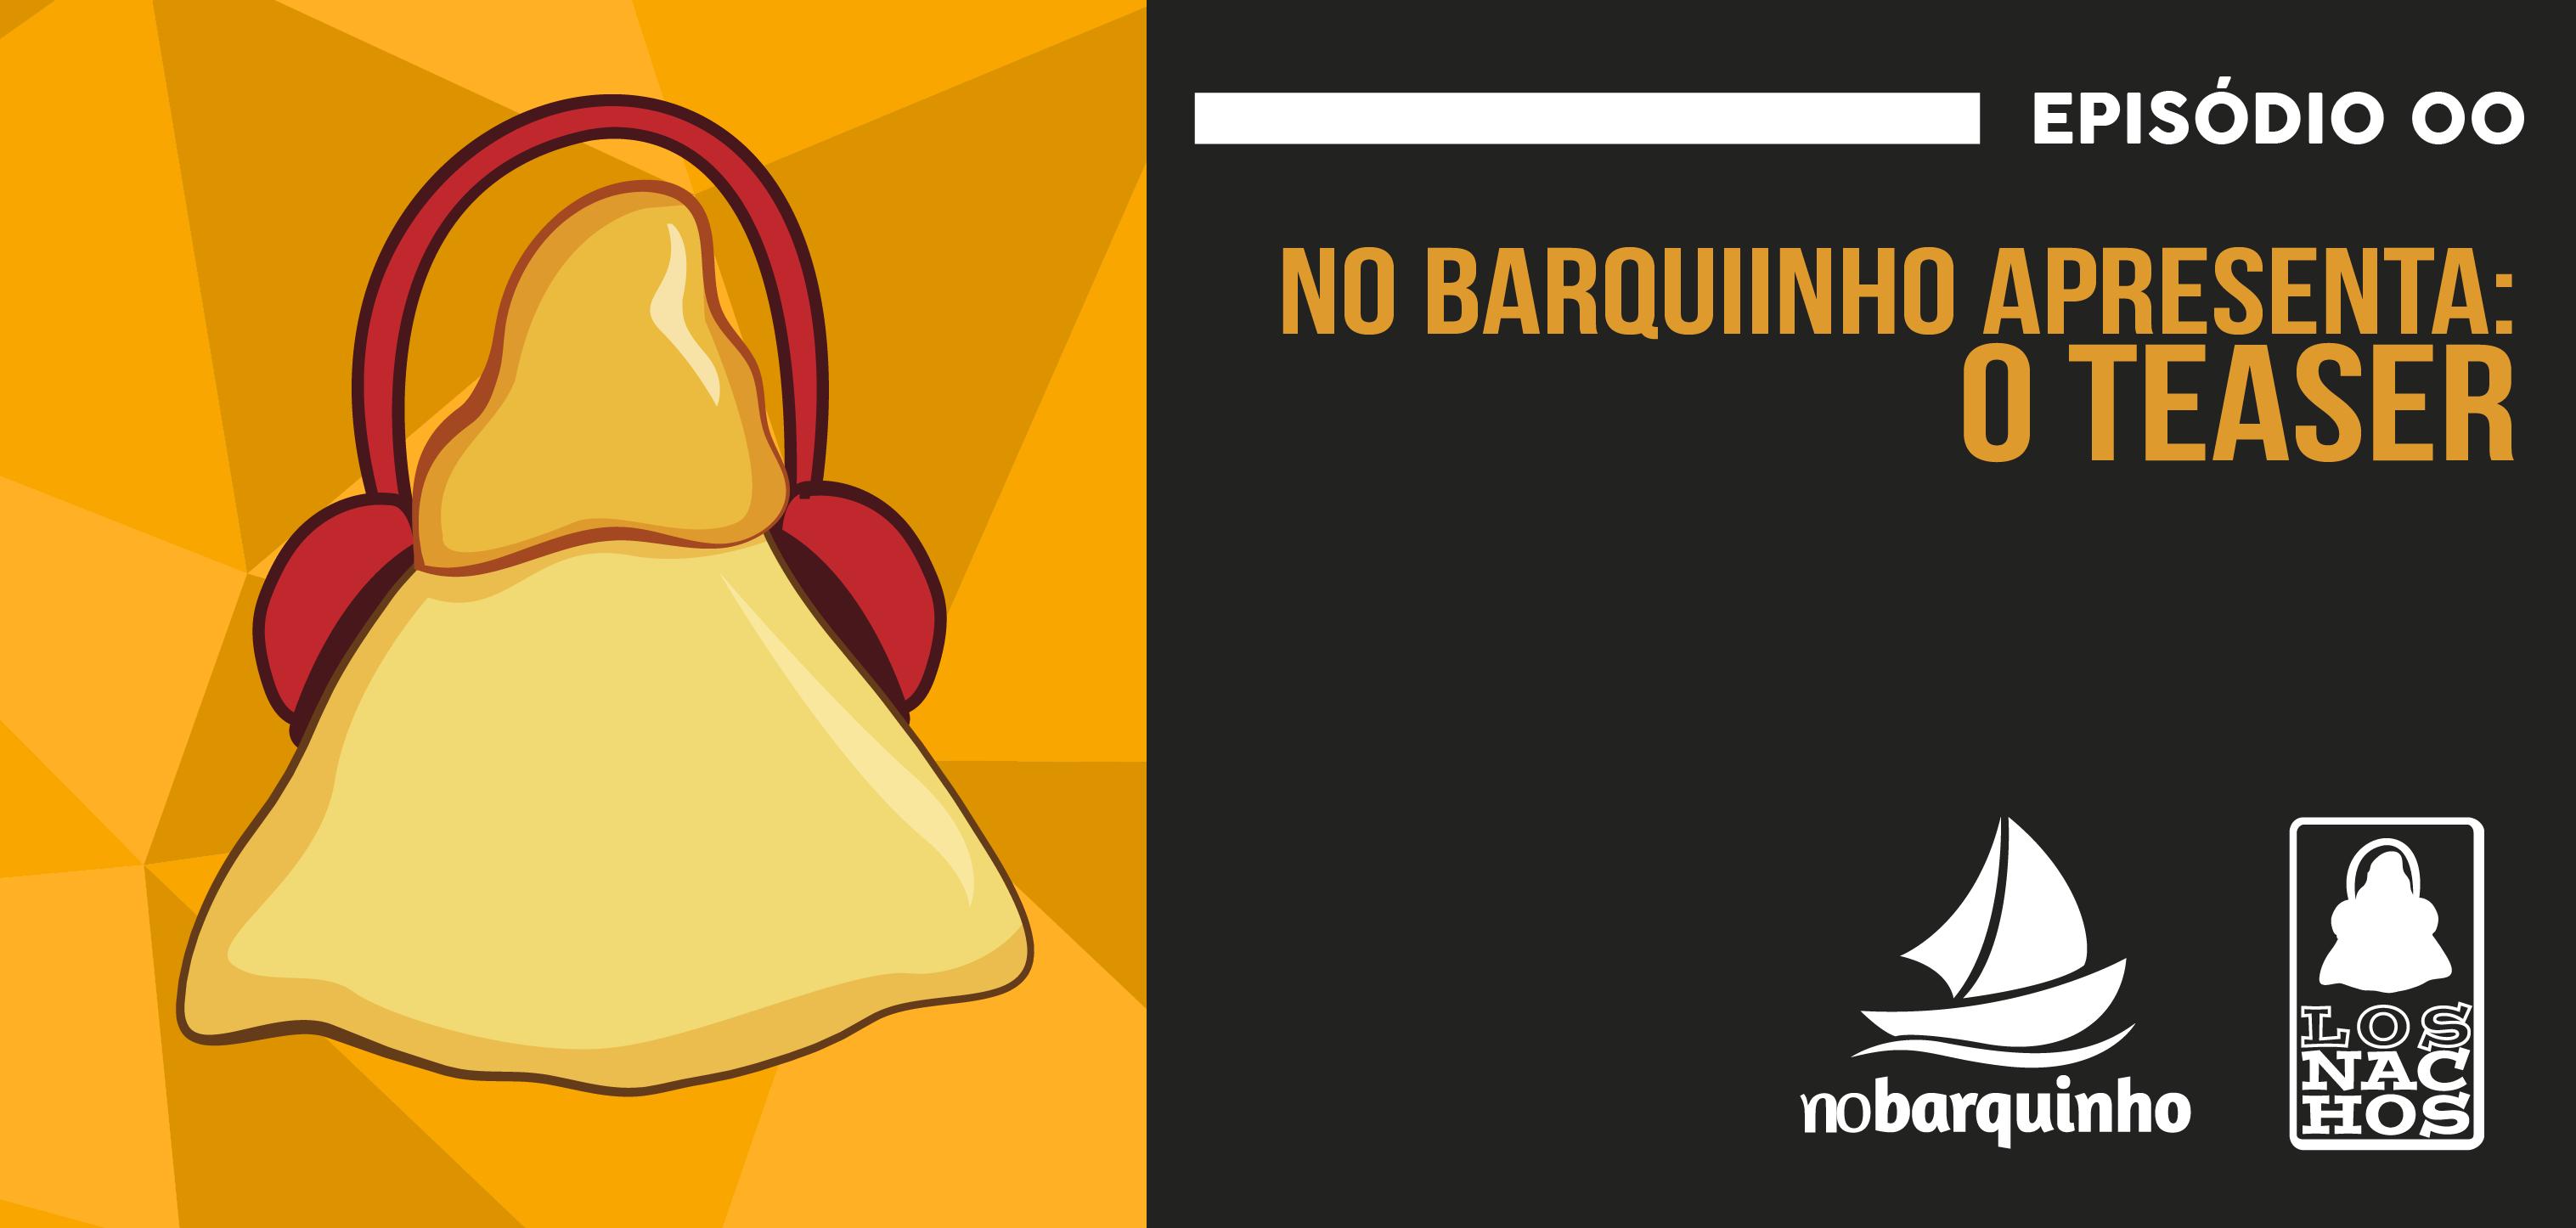 #NB Apresenta: LOS NACHOS – O Teaser